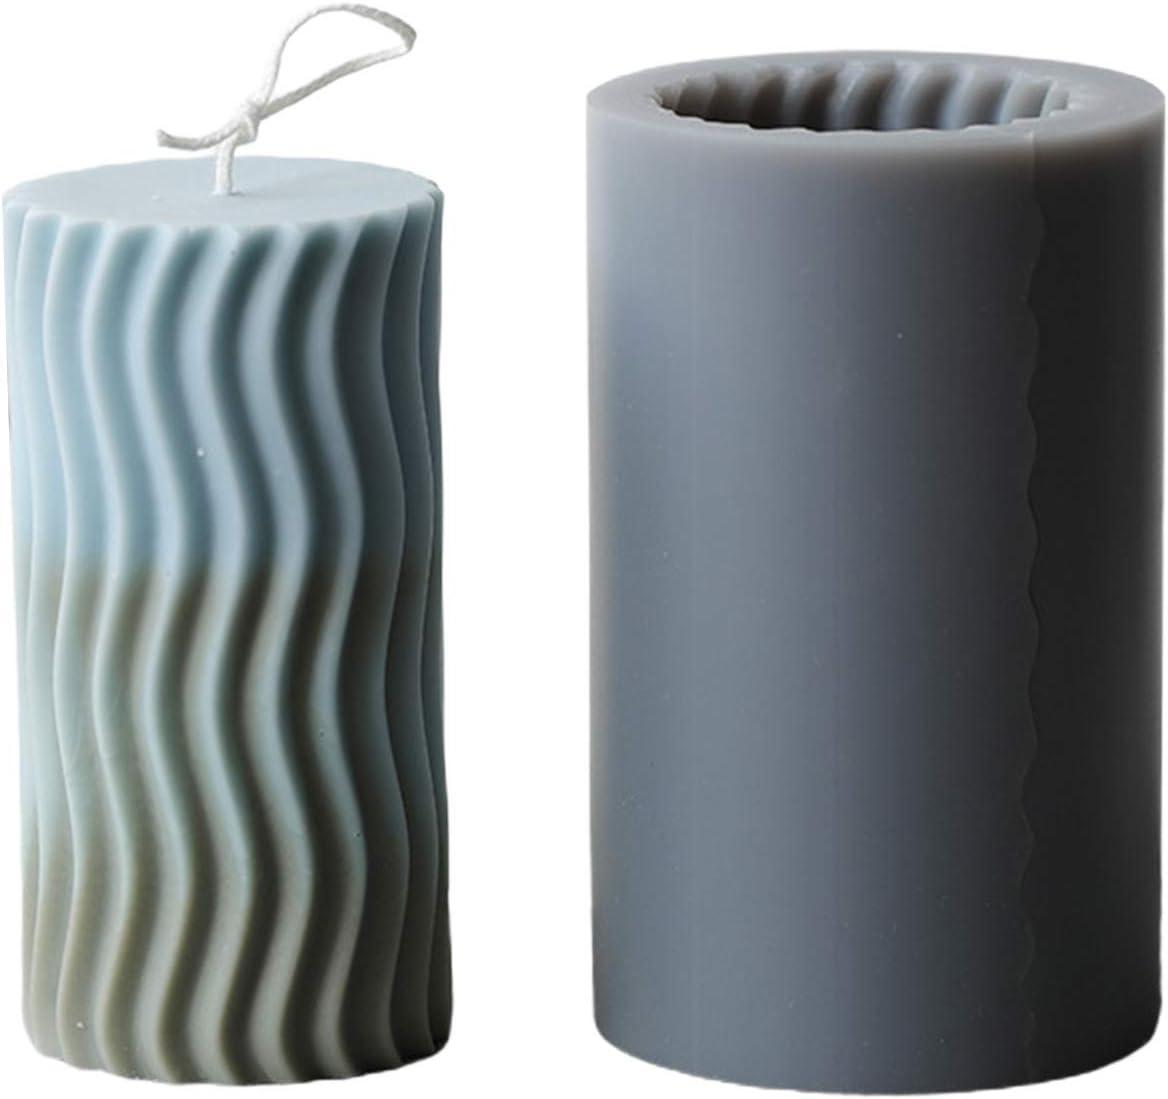 ideale per realizzare candele saponette Boji Stampo in silicone per candele saponi e dolci stampi da forno a forma di cilindro